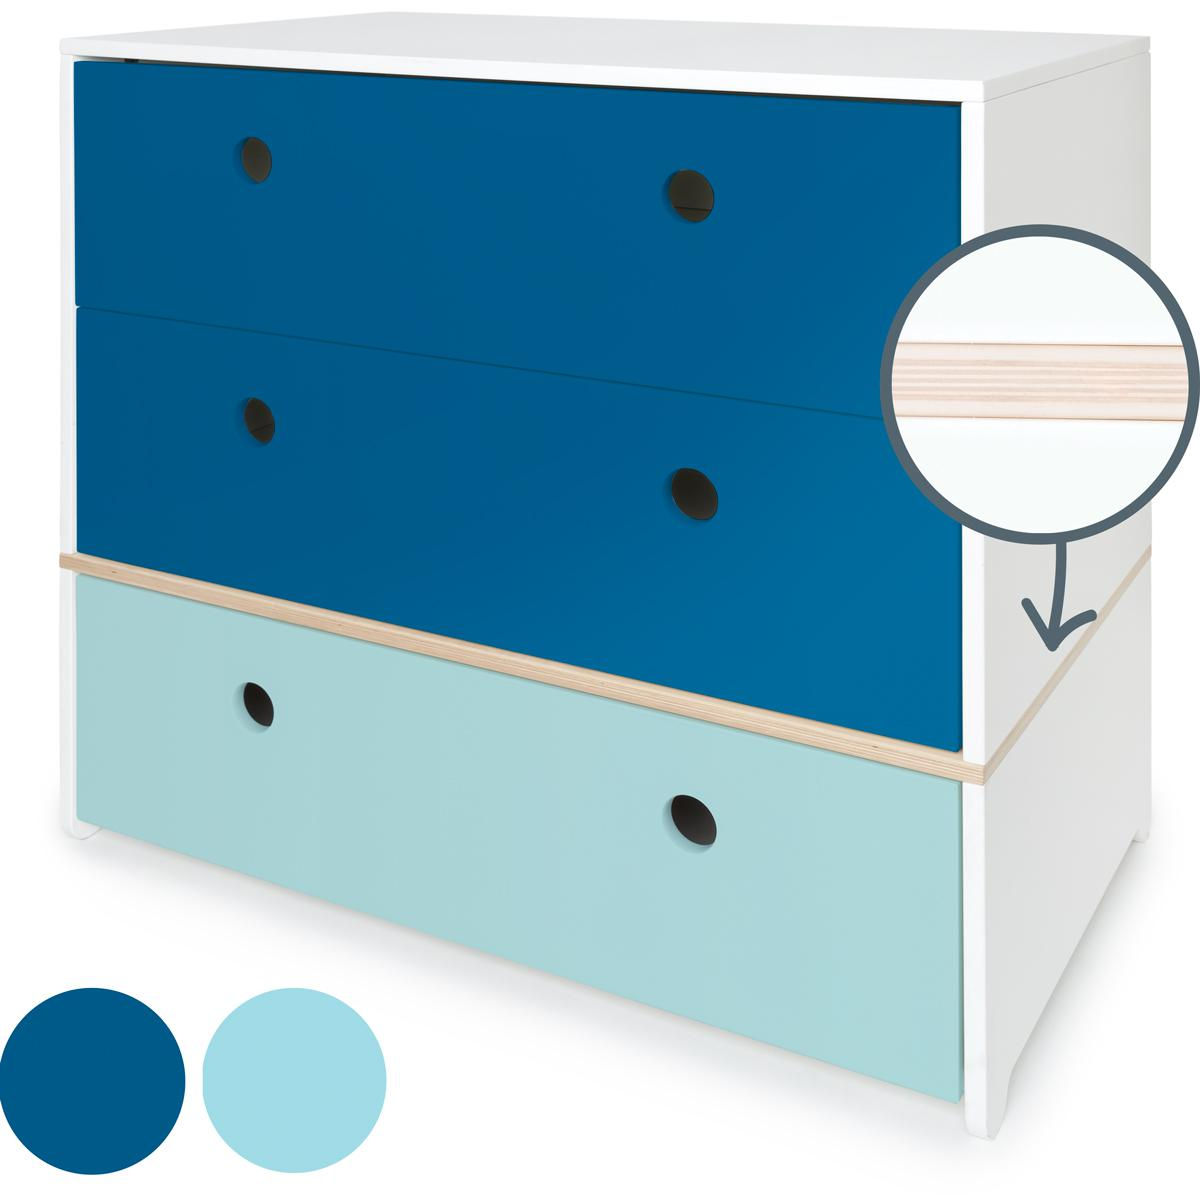 Kommode COLORFLEX Schubladen Farben deep marine-deep marine-sky blue